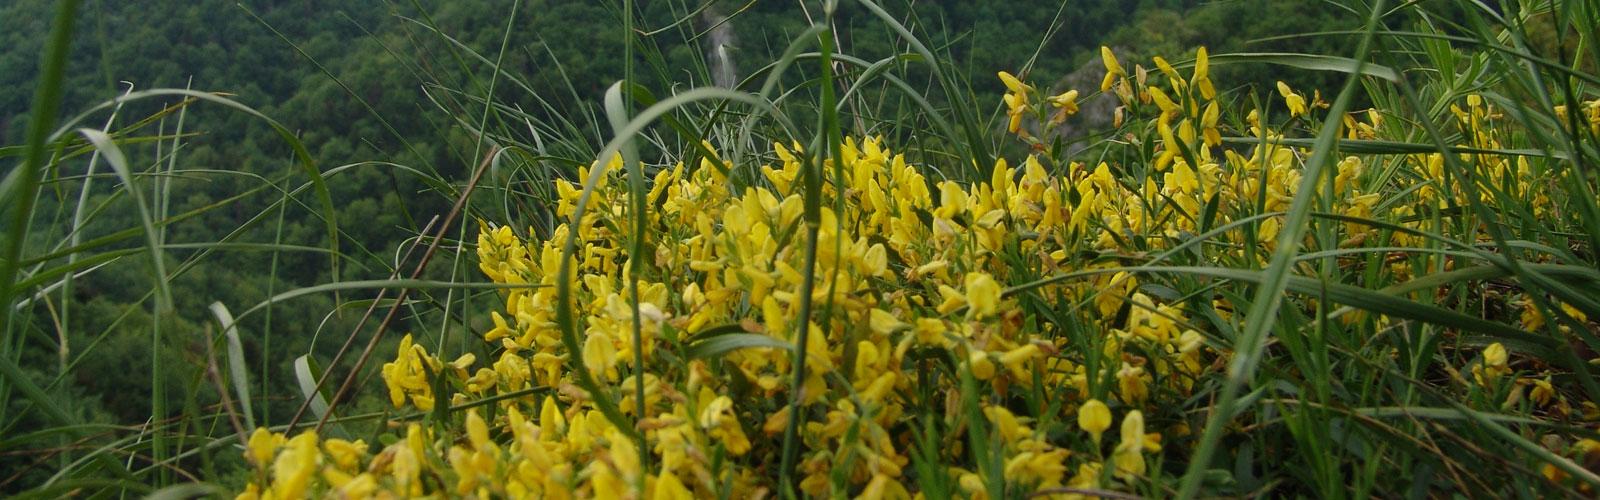 nacionalni-park-kozara-vegetacija-i-biljni-fond-6